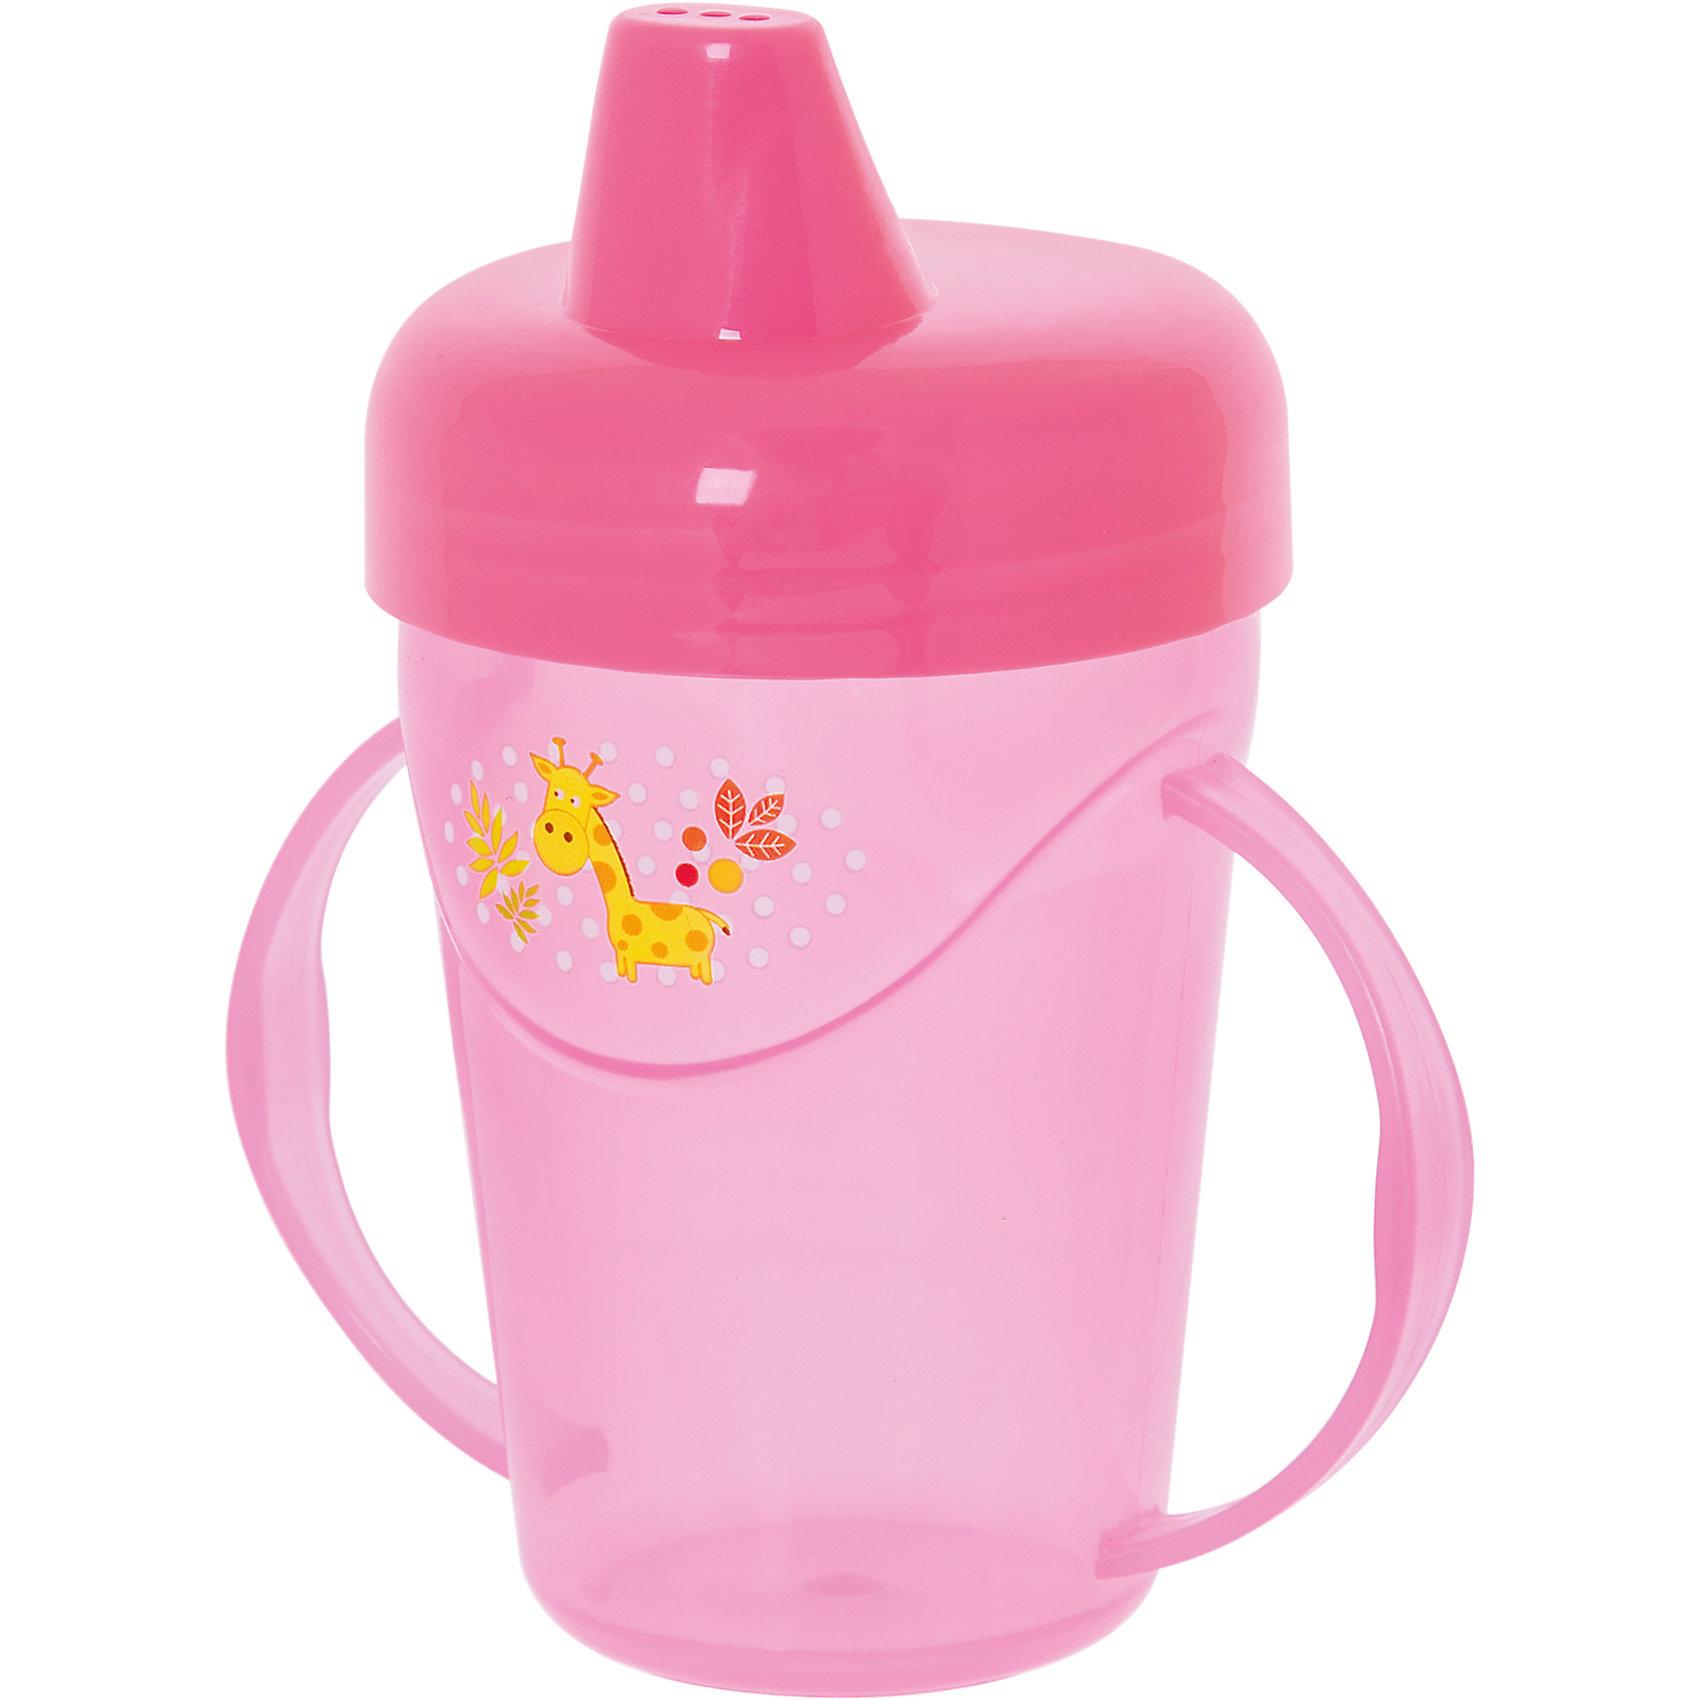 Поильник-непроливайка с ручками, 235 мл, Kurnosiki, розовыйПоильники<br>Характеристики:<br><br>• Предназначение: для приучения к кружке<br>• Материал: пластик, силикон<br>• Пол: для девочки<br>• Цвет: розовый<br>• Тематика рисунка: жираф<br>• Объем: 235 мл<br>• Тип носика: жесткий<br>• Удобный широкий носик<br>• Съемная крышка<br>• Силиконовый-клапан непроливайка<br>• По бокам на поильнике имеются ручки<br>• Можно использовать как для холодных, так и для горячих напитков<br>• Вес: 80 г<br>• Особенности ухода: разрешается мыть в посудомоечной машине<br><br>Поильник-непроливайка с ручками, 235 мл, Kurnosiki, фиолетовый изготовлен из безопасного и ударопрочного пластика, устойчивого к появлению царапин и сколов. Форма изделия выполнена с учетом особенностей размера детских ручек, поэтому малышу будет удобно держать поильник. <br><br>Крышка оснащена твердым широким носиком, который обеспечивает оптимальный поток жидкости. Крышка с носиком плотно и герметично фиксируется на стакане, дополнительно предусмотрен силиконовый клапан, который защищает от проливания и протекания. <br><br>Изделие выполнено в ярком дизайне: стакан декорирован изображением бегемотика. Без крышки изделие можно использовать в качестве стакана. С поильником-непроливайкой с ручками, 235 мл, Kurnosiki, фиолетовый ваш малыш легко и быстро научится пить из кружки!<br><br>Поильник-непроливайку с ручками, 235 мл, Kurnosiki, фиолетовый можно купить в нашем интернет-магазине.<br><br>Ширина мм: 80<br>Глубина мм: 120<br>Высота мм: 190<br>Вес г: 80<br>Возраст от месяцев: 4<br>Возраст до месяцев: 36<br>Пол: Женский<br>Возраст: Детский<br>SKU: 5428737